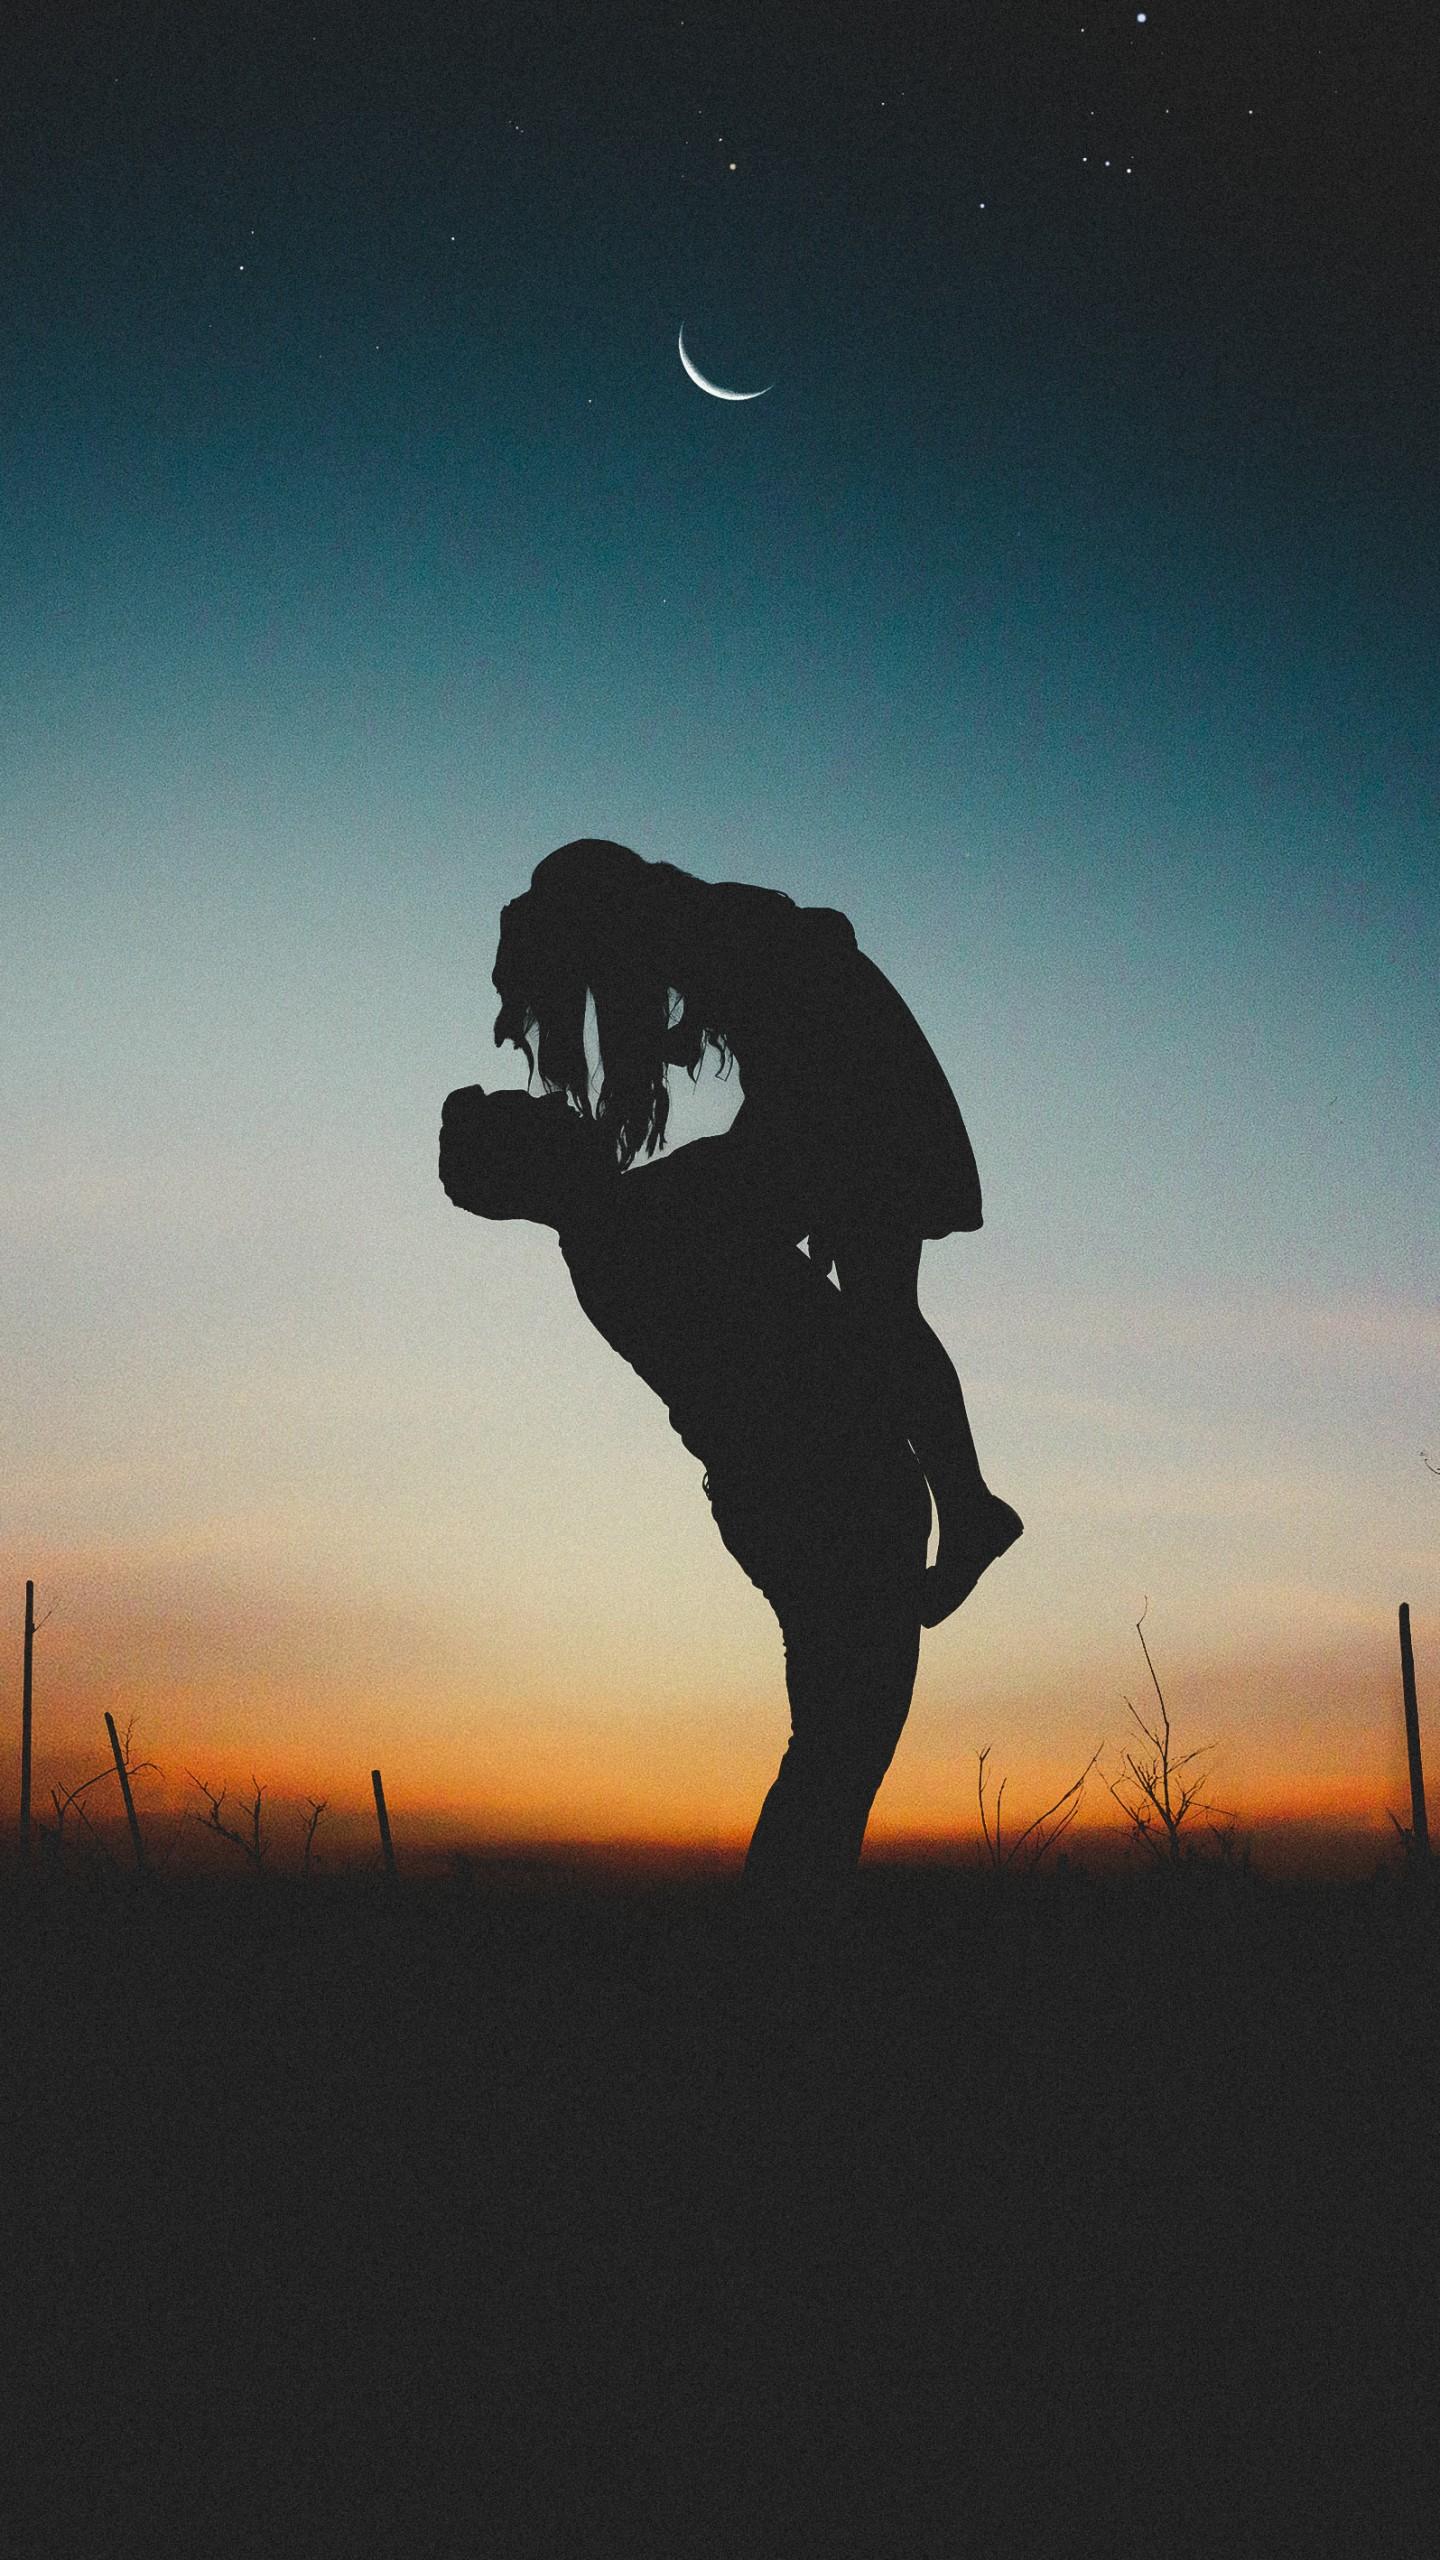 عکس زمینه دختر در آغوش پدر زیر نور ماه پس زمینه